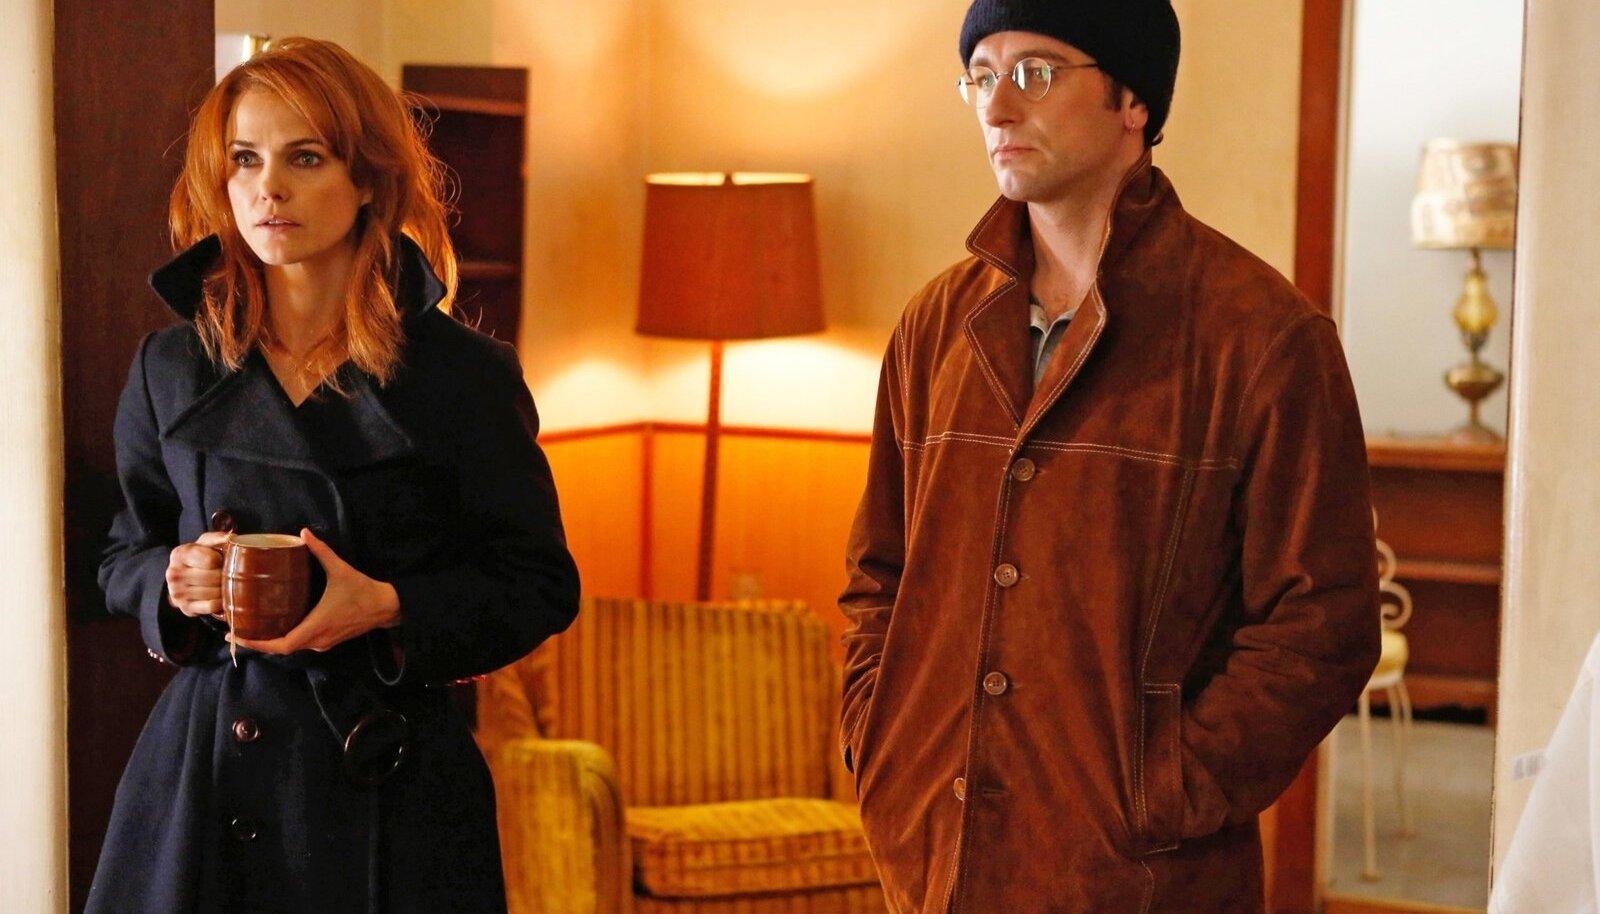 SPIOONIPAARI SUHTEDRAAMA: Nõukogude agendid Elizabeth (Keri Russell) ja Philip Jennings (Matthew Rhys) võtavad kaelamurdvaid kurve nii luureoperatsioonidel kui isiklikus elus.